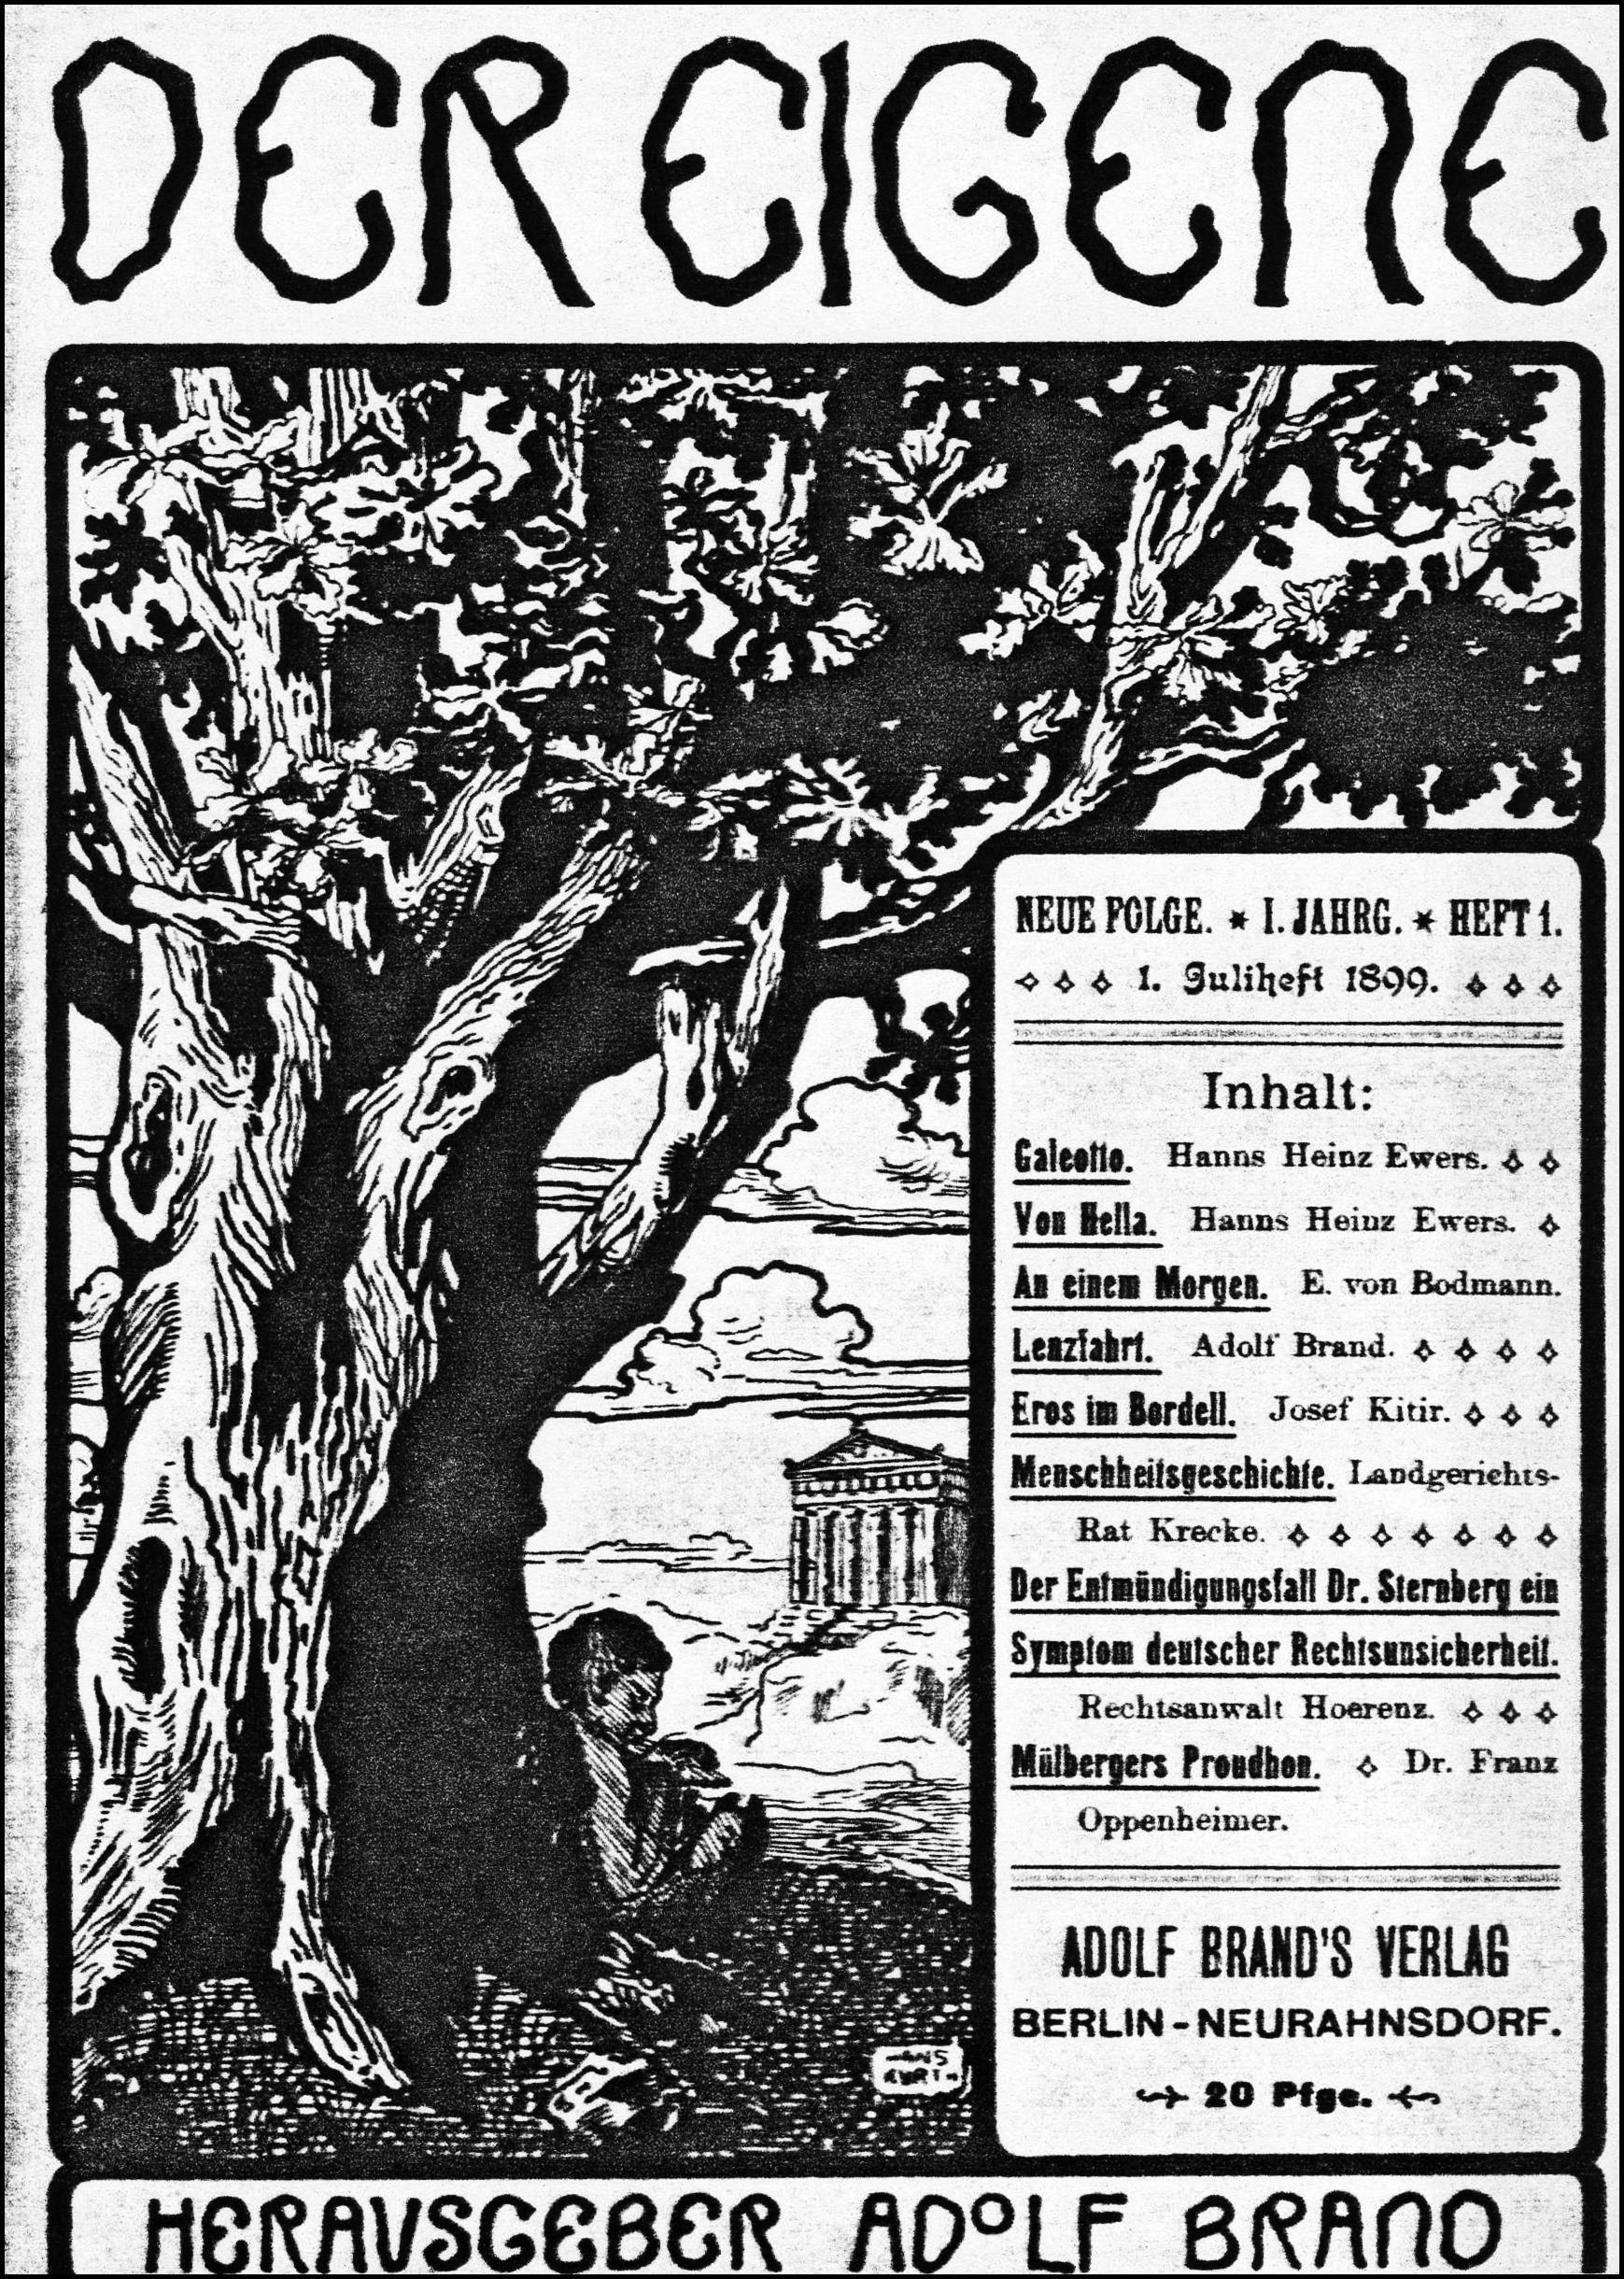 file:der eigene 1899 - wikimedia commons